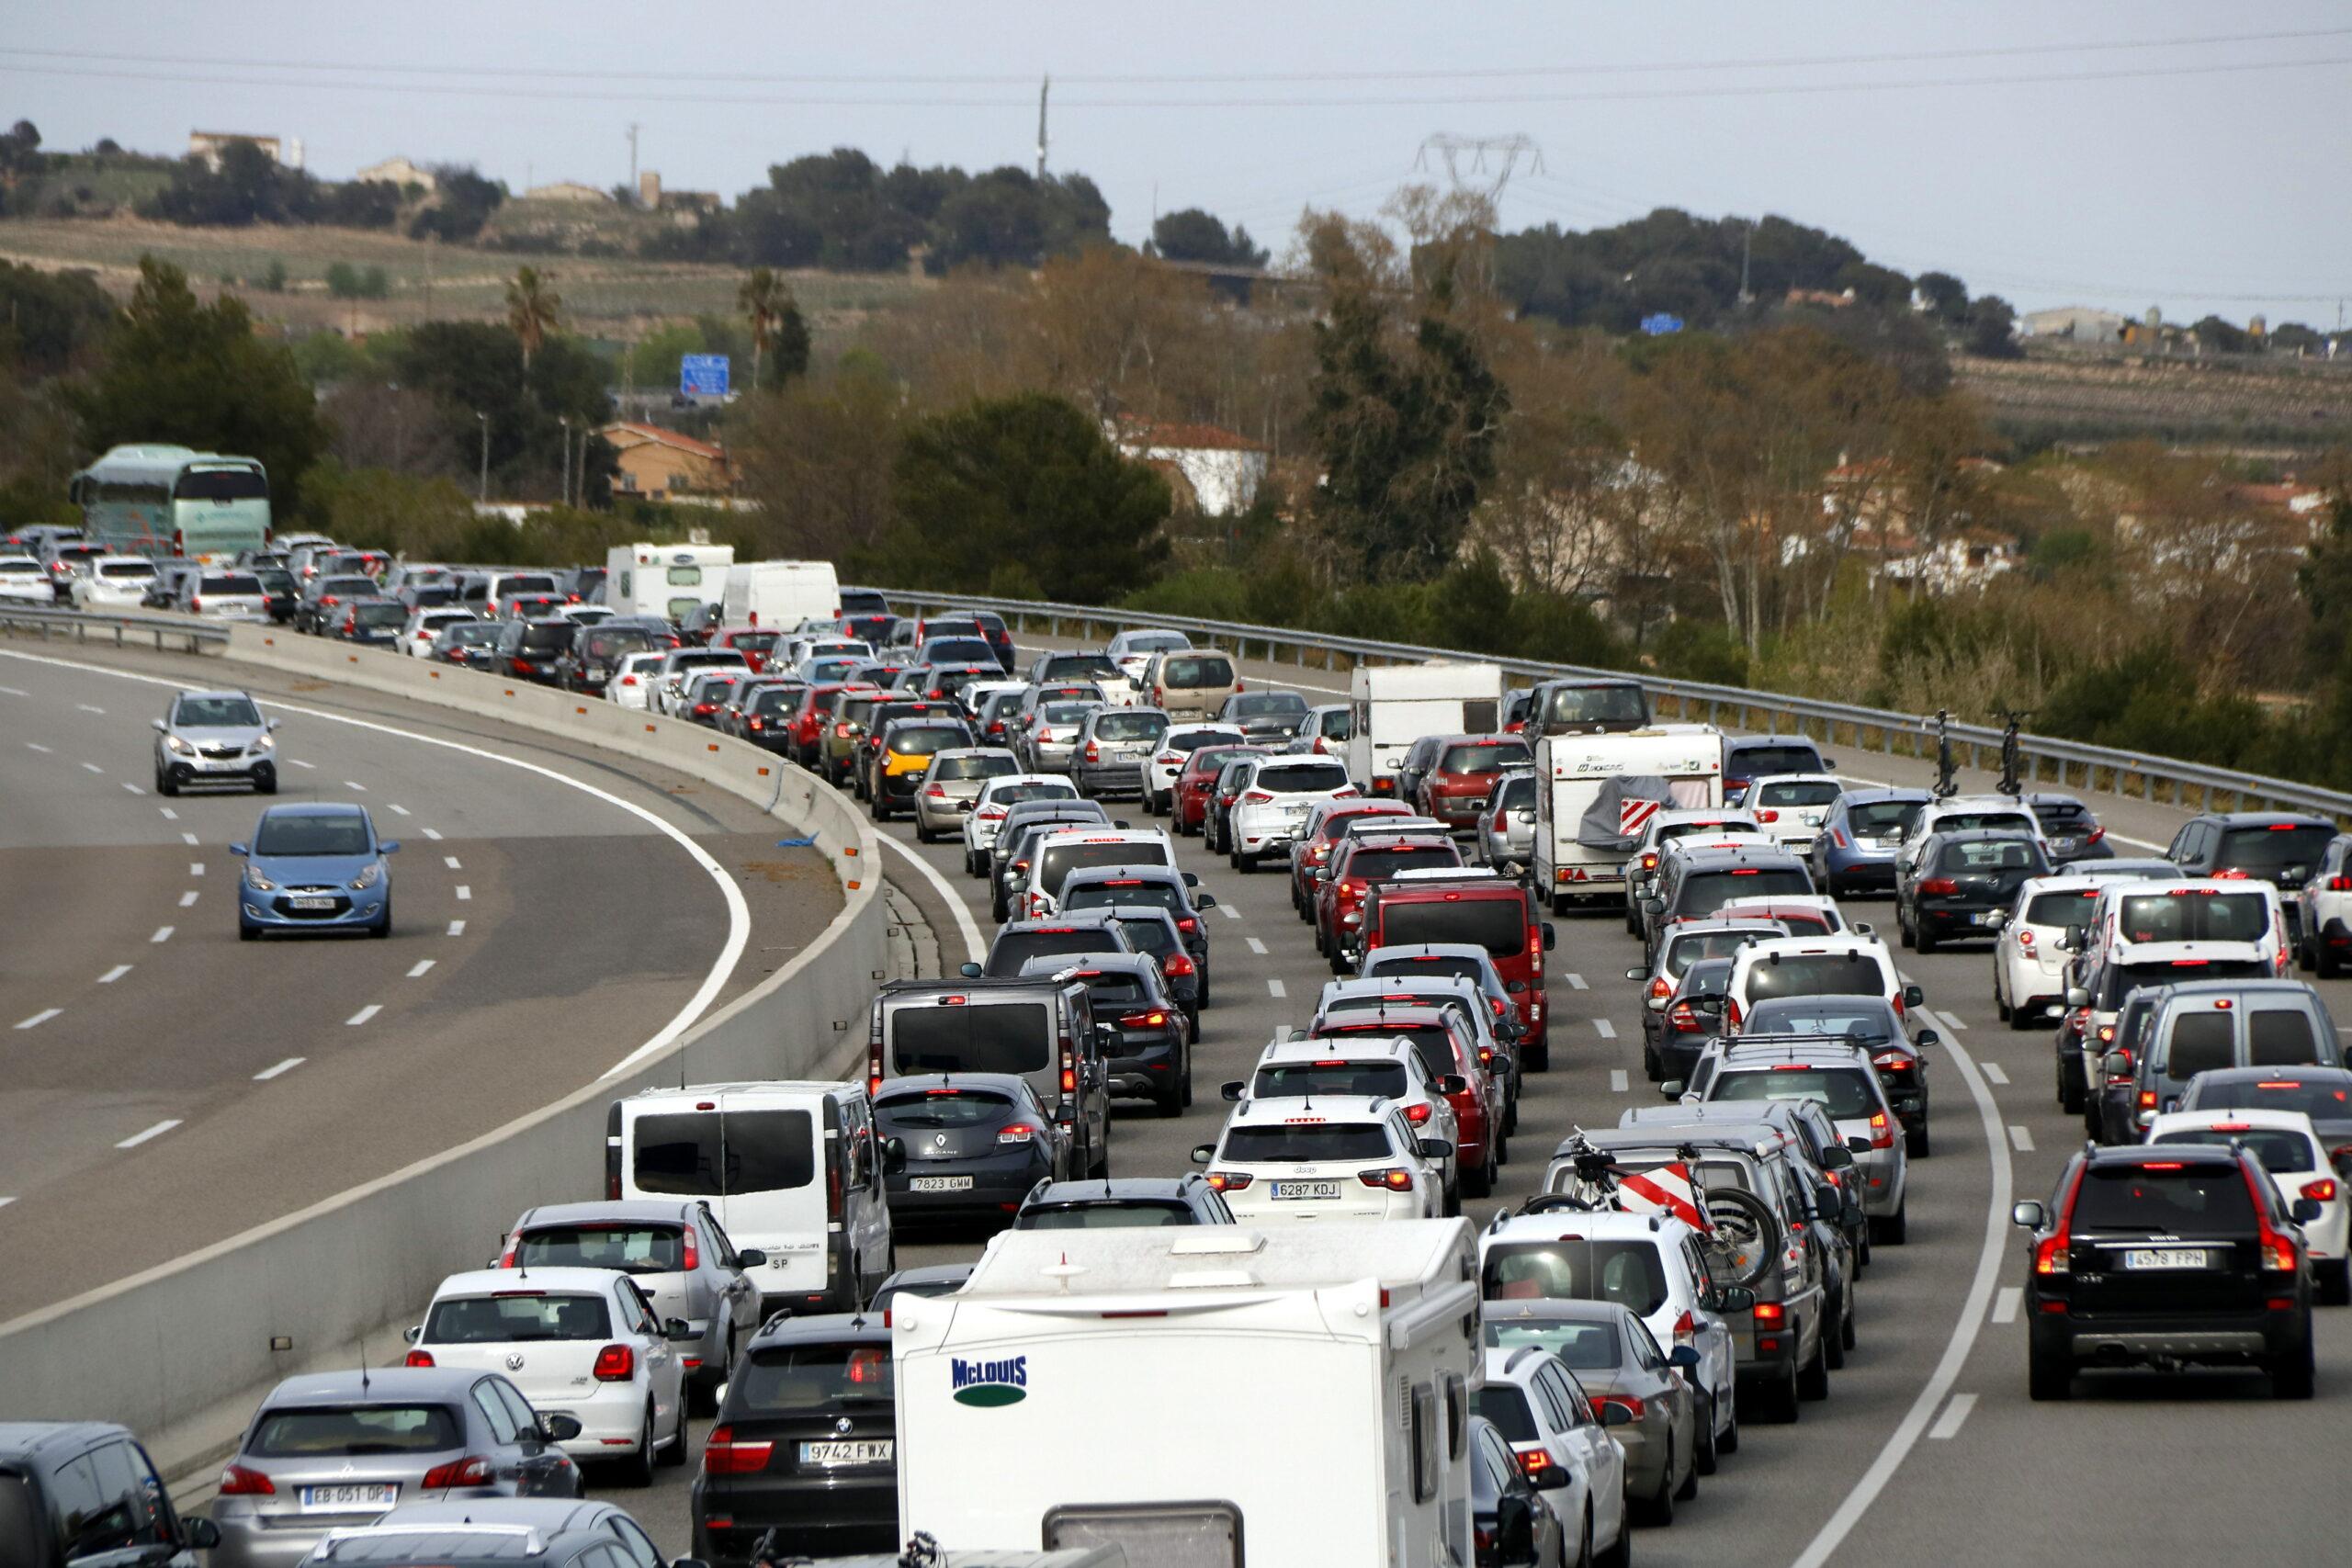 Imatge d'arxiu d'una congestió en una autopista | ACN